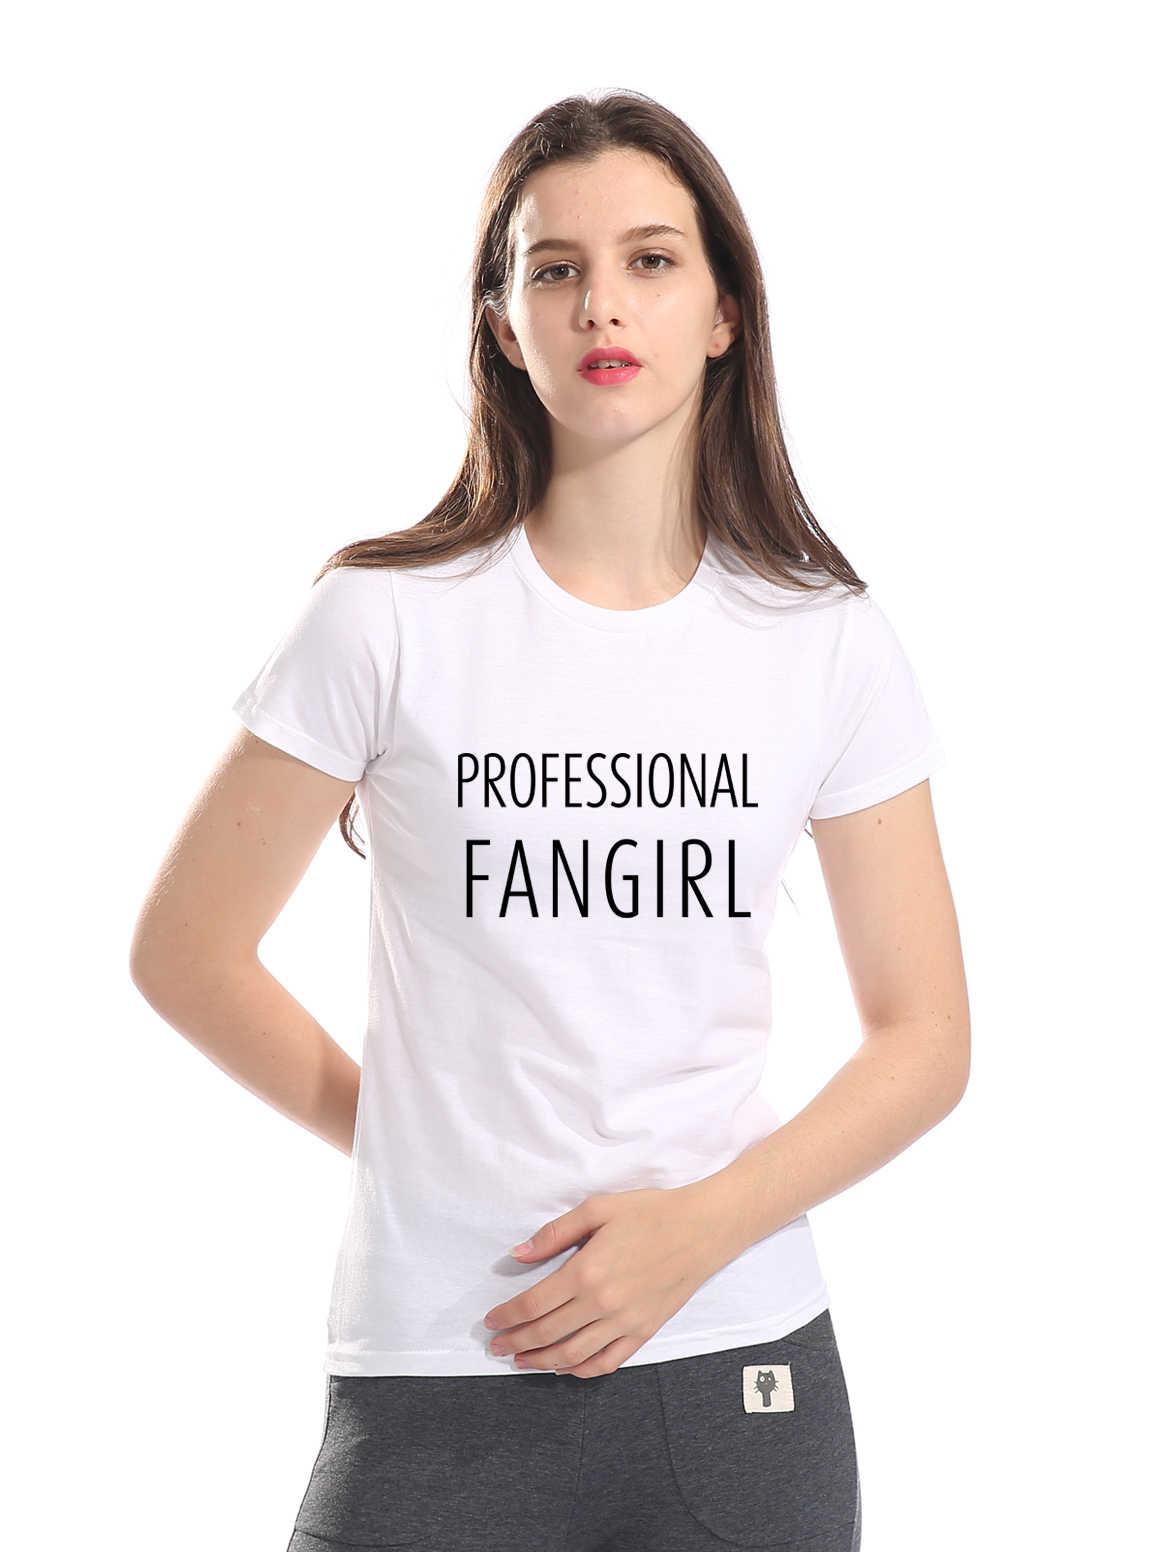 ホット販売プロ Fangirl 韓国 tシャツ女性 2018 夏新スタイルブランドトップス原宿綿 100% ファンのための 18k ポップ tシャツ